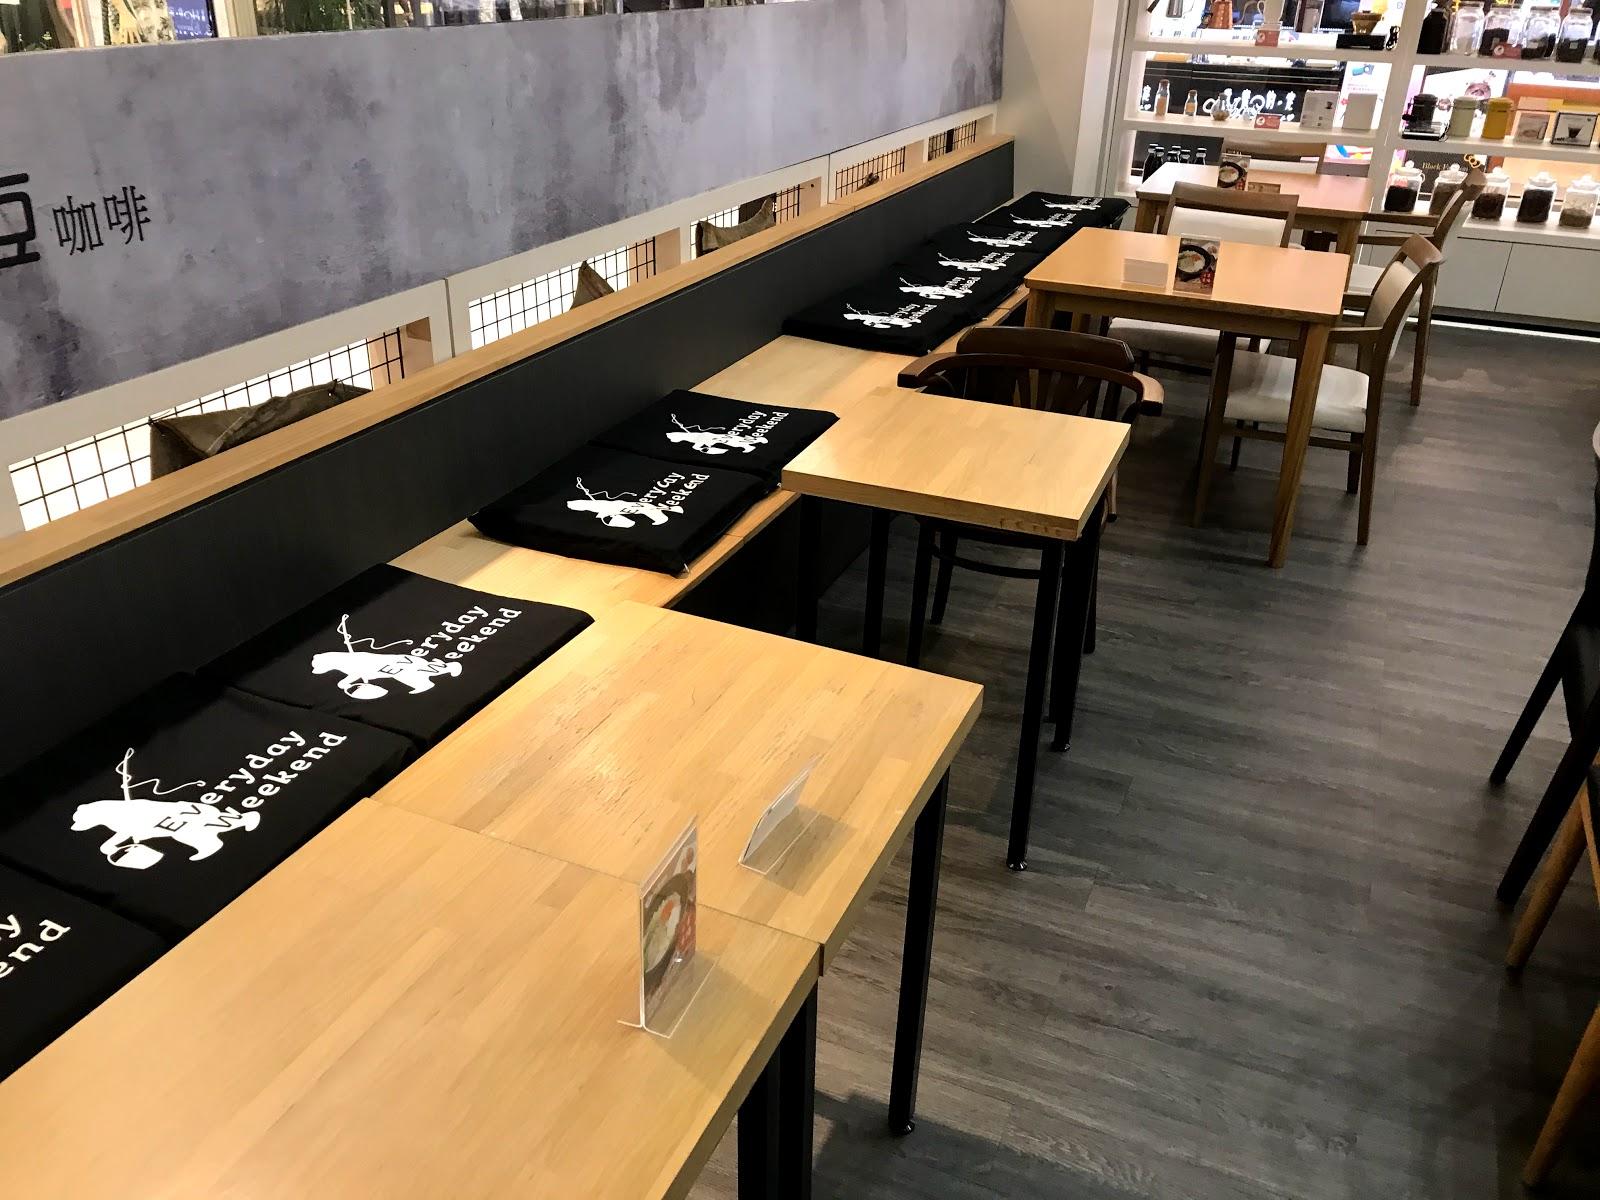 |鼓豆咖啡|隱藏在新光三越西門店的低調好店|人氣 No.1 鼓豆捲 配上卡士達醬 酸甜好滋味 |[台南中西區]